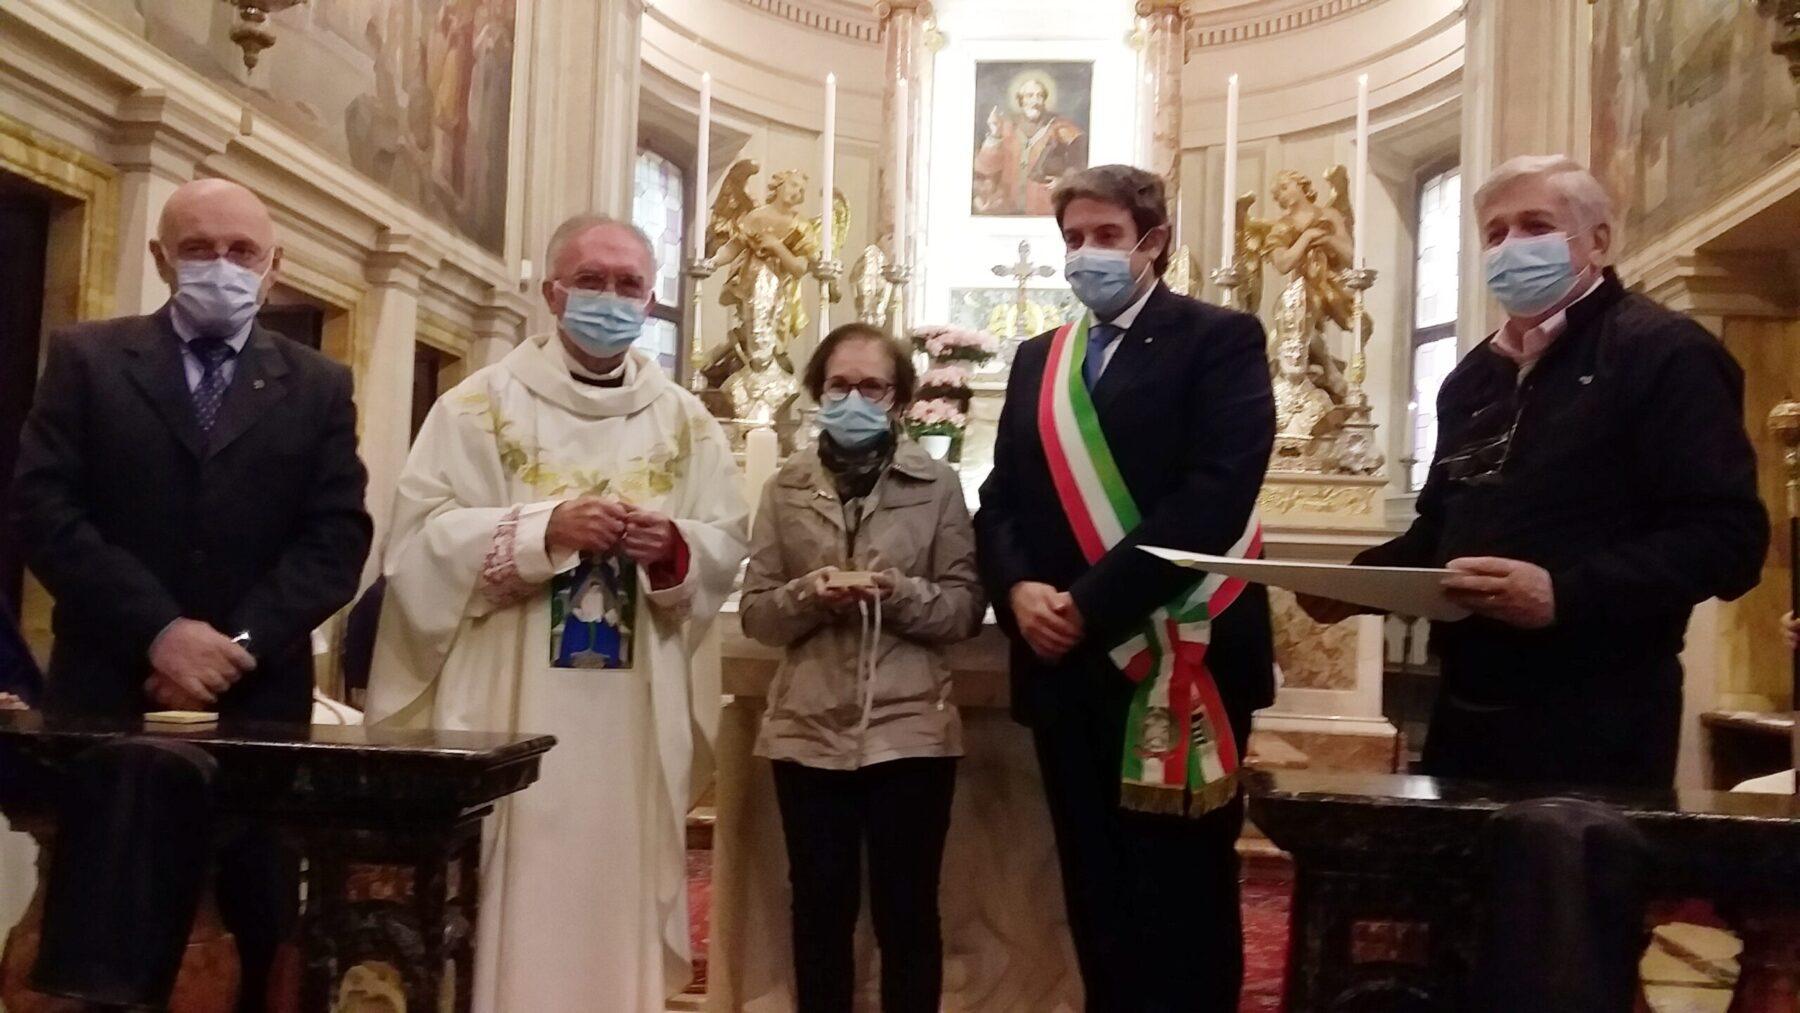 Corbetta - Il premio suor Michelina 2021 va ai volontari della Parrocchia San Vittore. Corbetta 11/04/2021